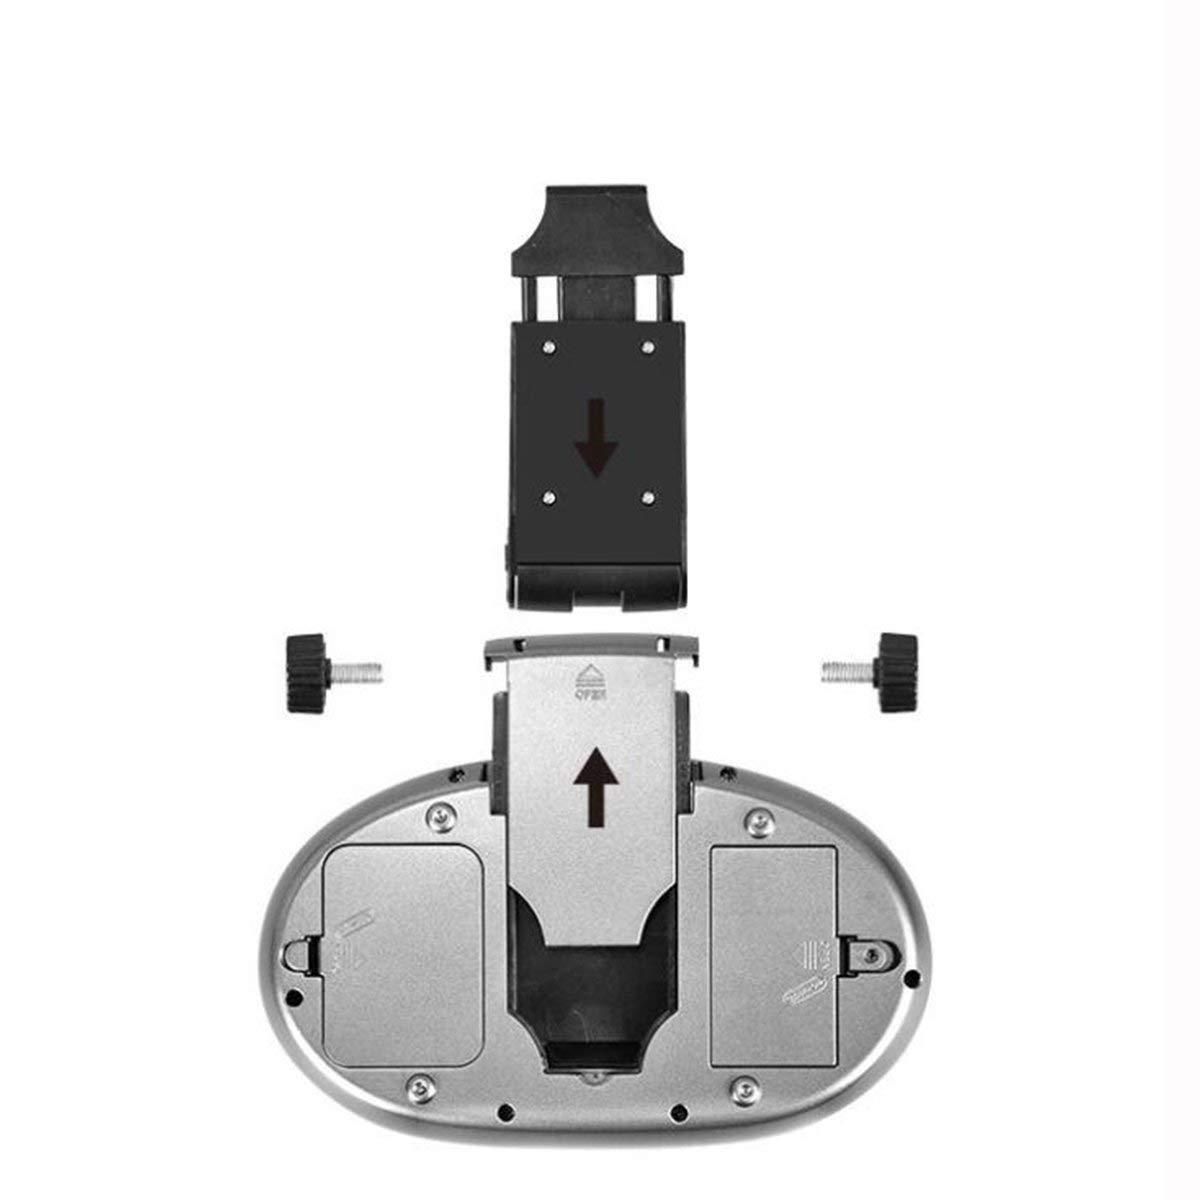 Gugutogo Mini RC Drone Quadcopter RC con sensore di gravità HD Camera 0.3MP Aircraft S26 - balck